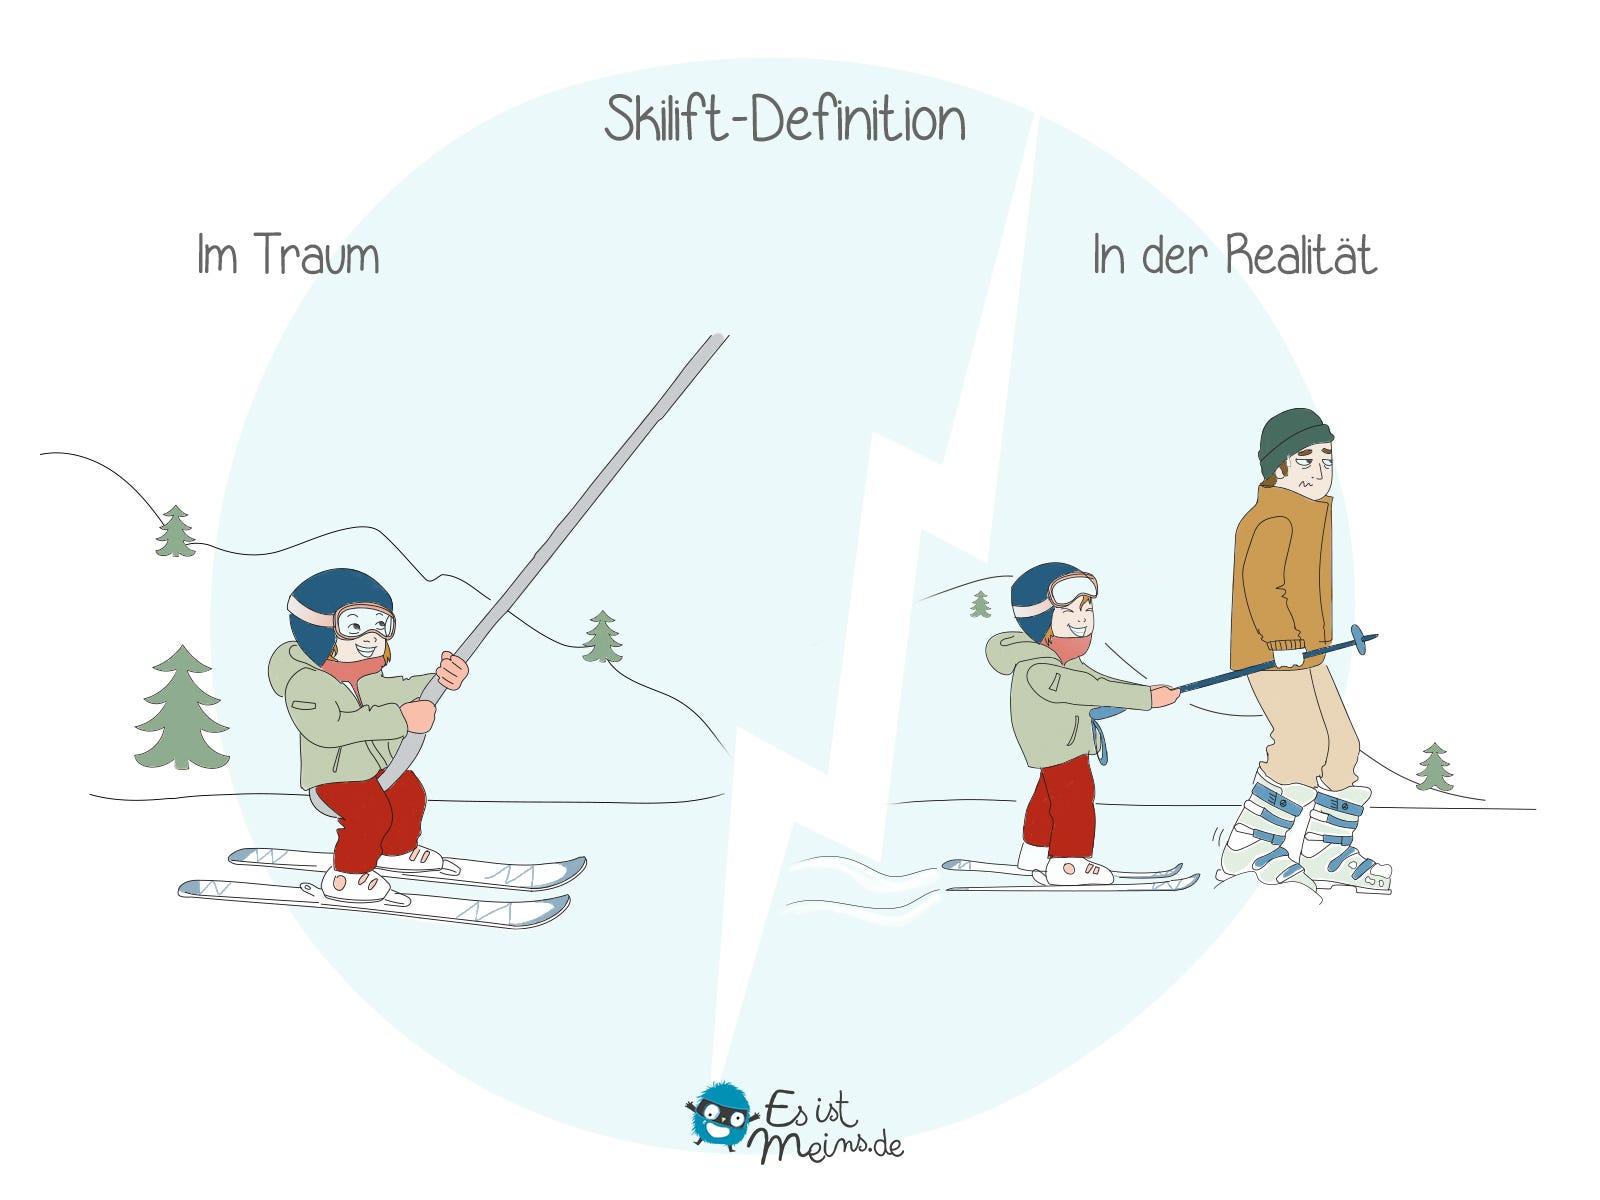 Komischerweise ist der Skiliftteil anstrengender mit Kindern als ohne!